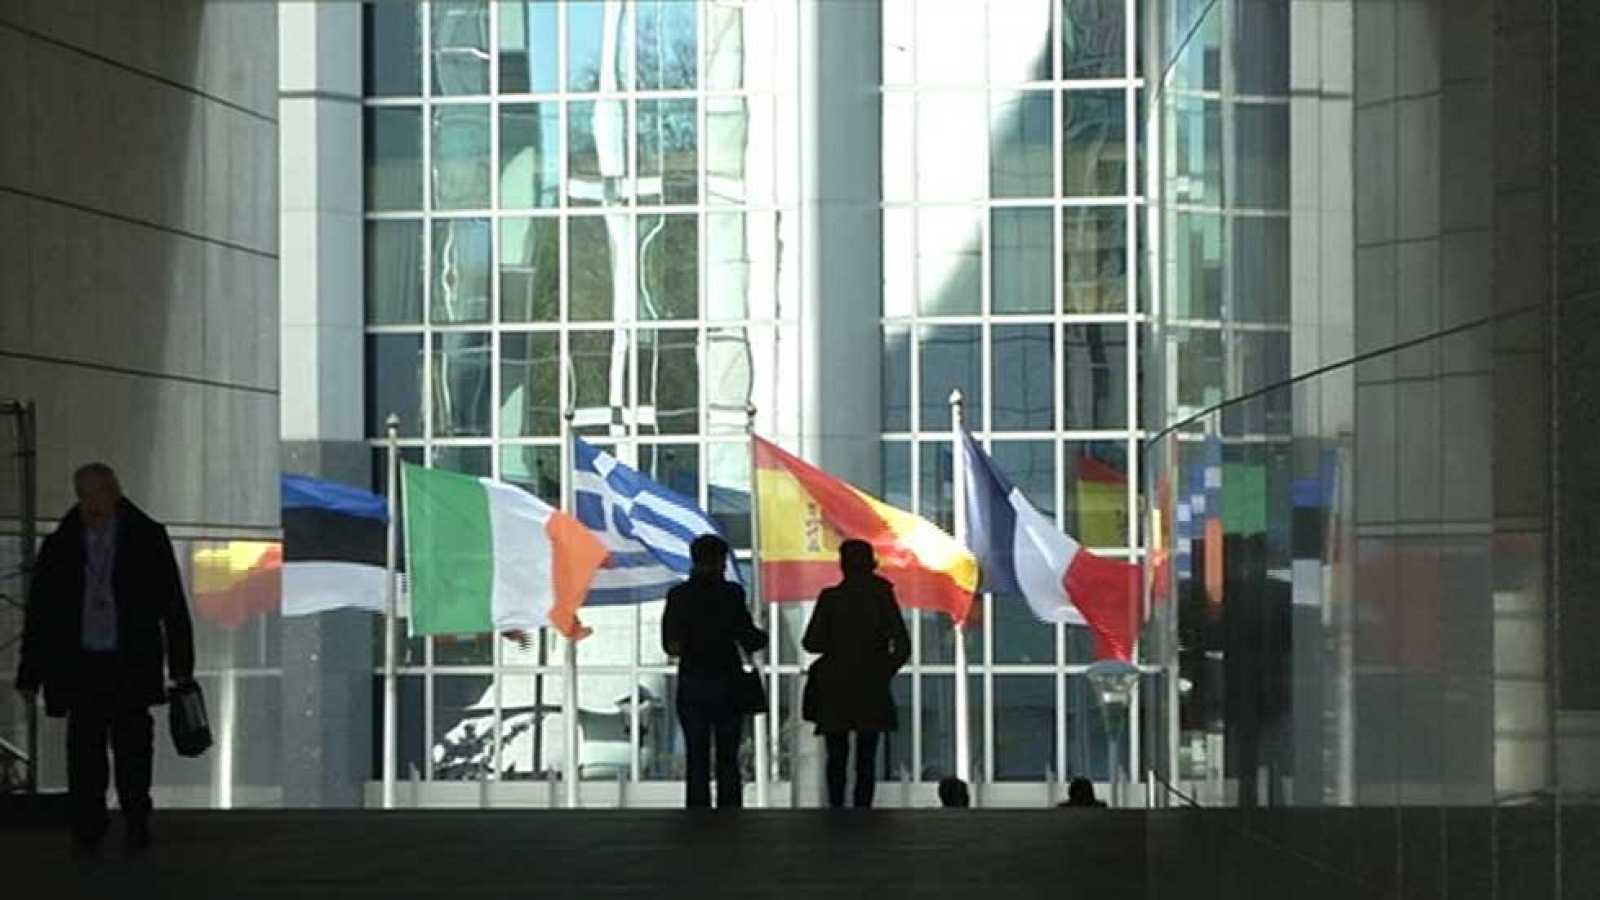 Bruselas lamenta los resultados y espera un proceso de desconexión rápido y ordenado